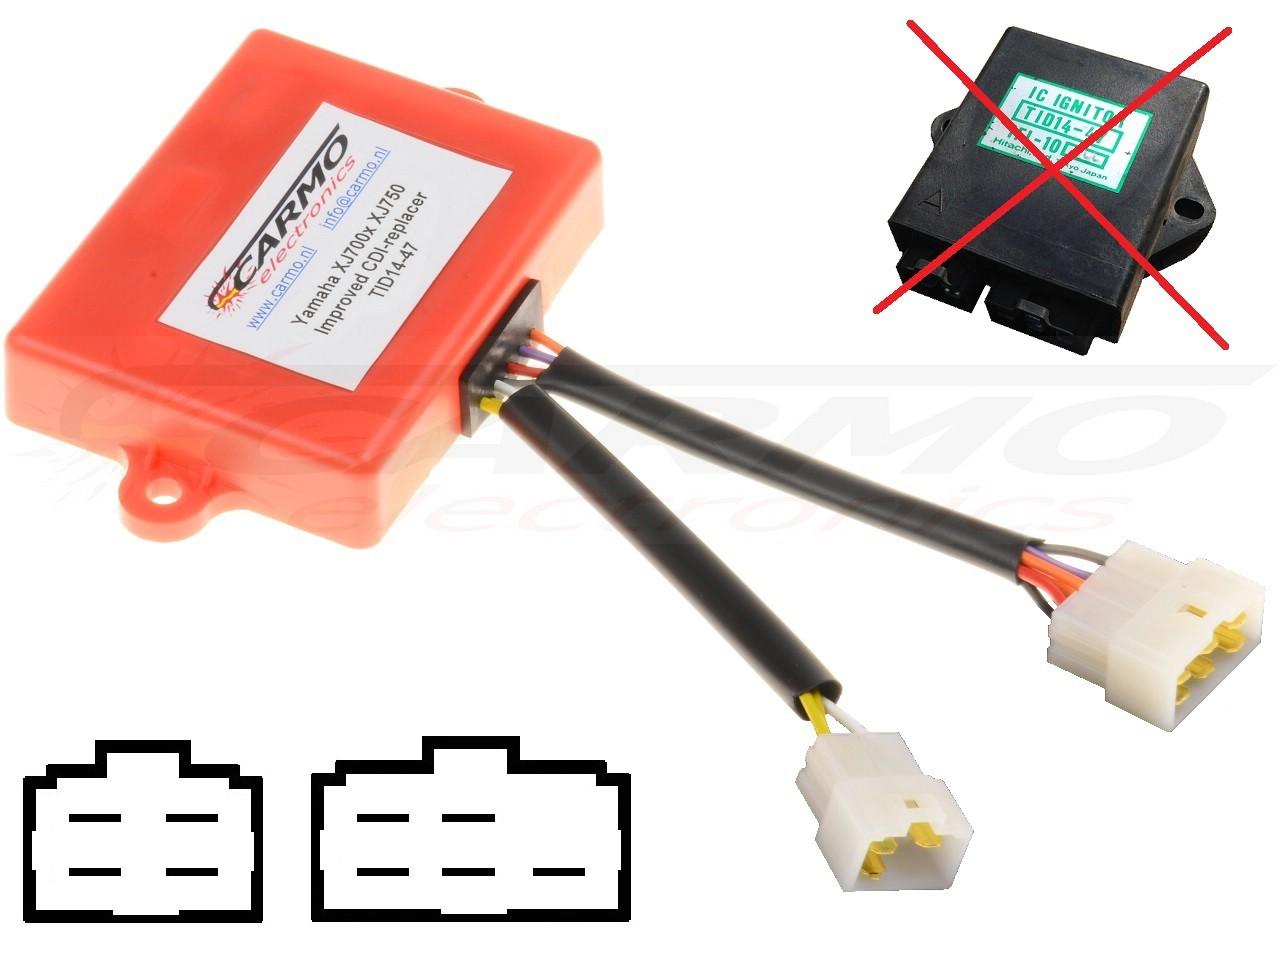 Tci Wiring Diagram Yamaha 750 Maxim Explained Diagrams Xj700 Cdi Igniter Tid14 44 47 1985 Custom